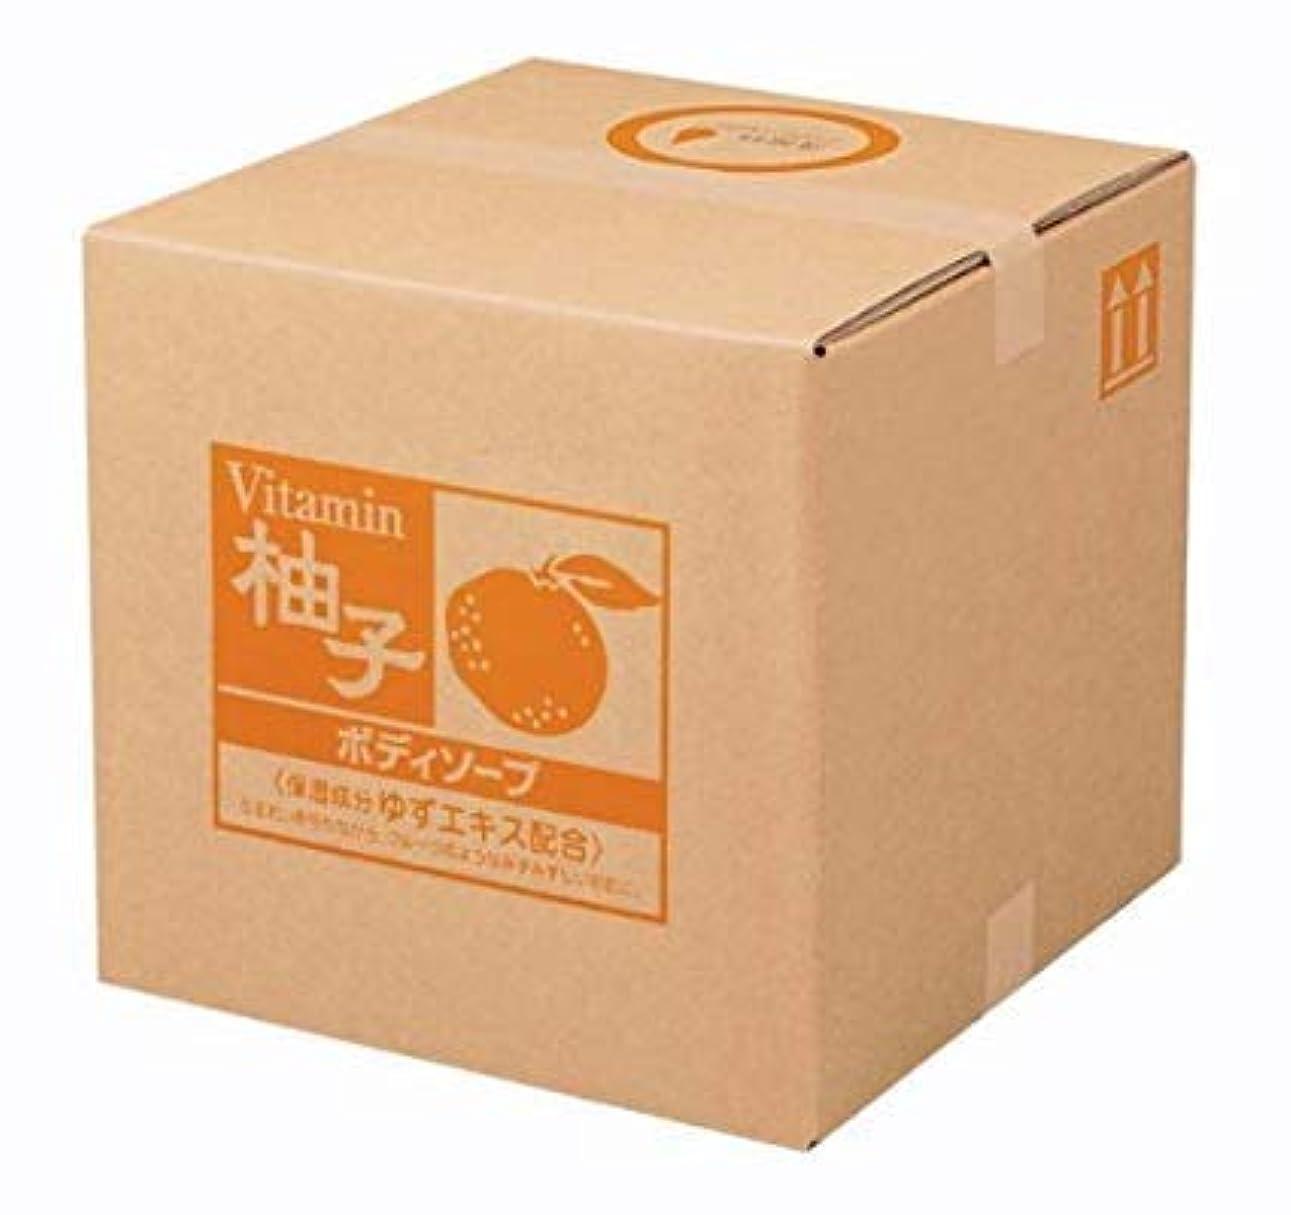 モネ首尾一貫した主張する業務用 SCRITT(スクリット) 柚子 ボディソープ 18L 熊野油脂 (コック無し)